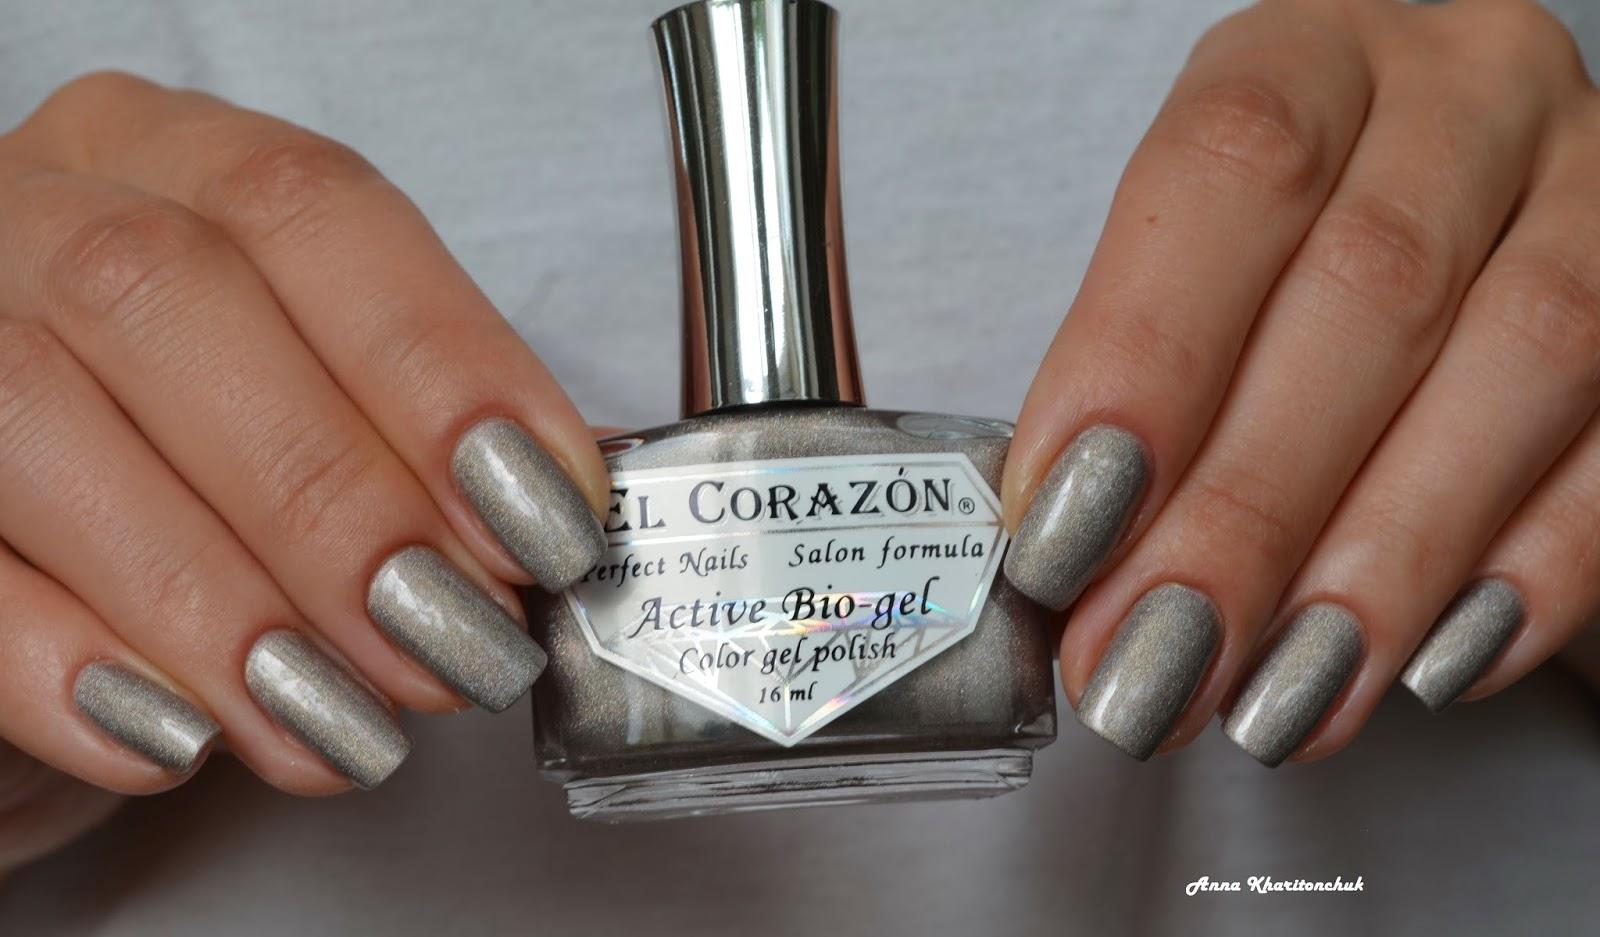 El Corazon 423/39 Prizma